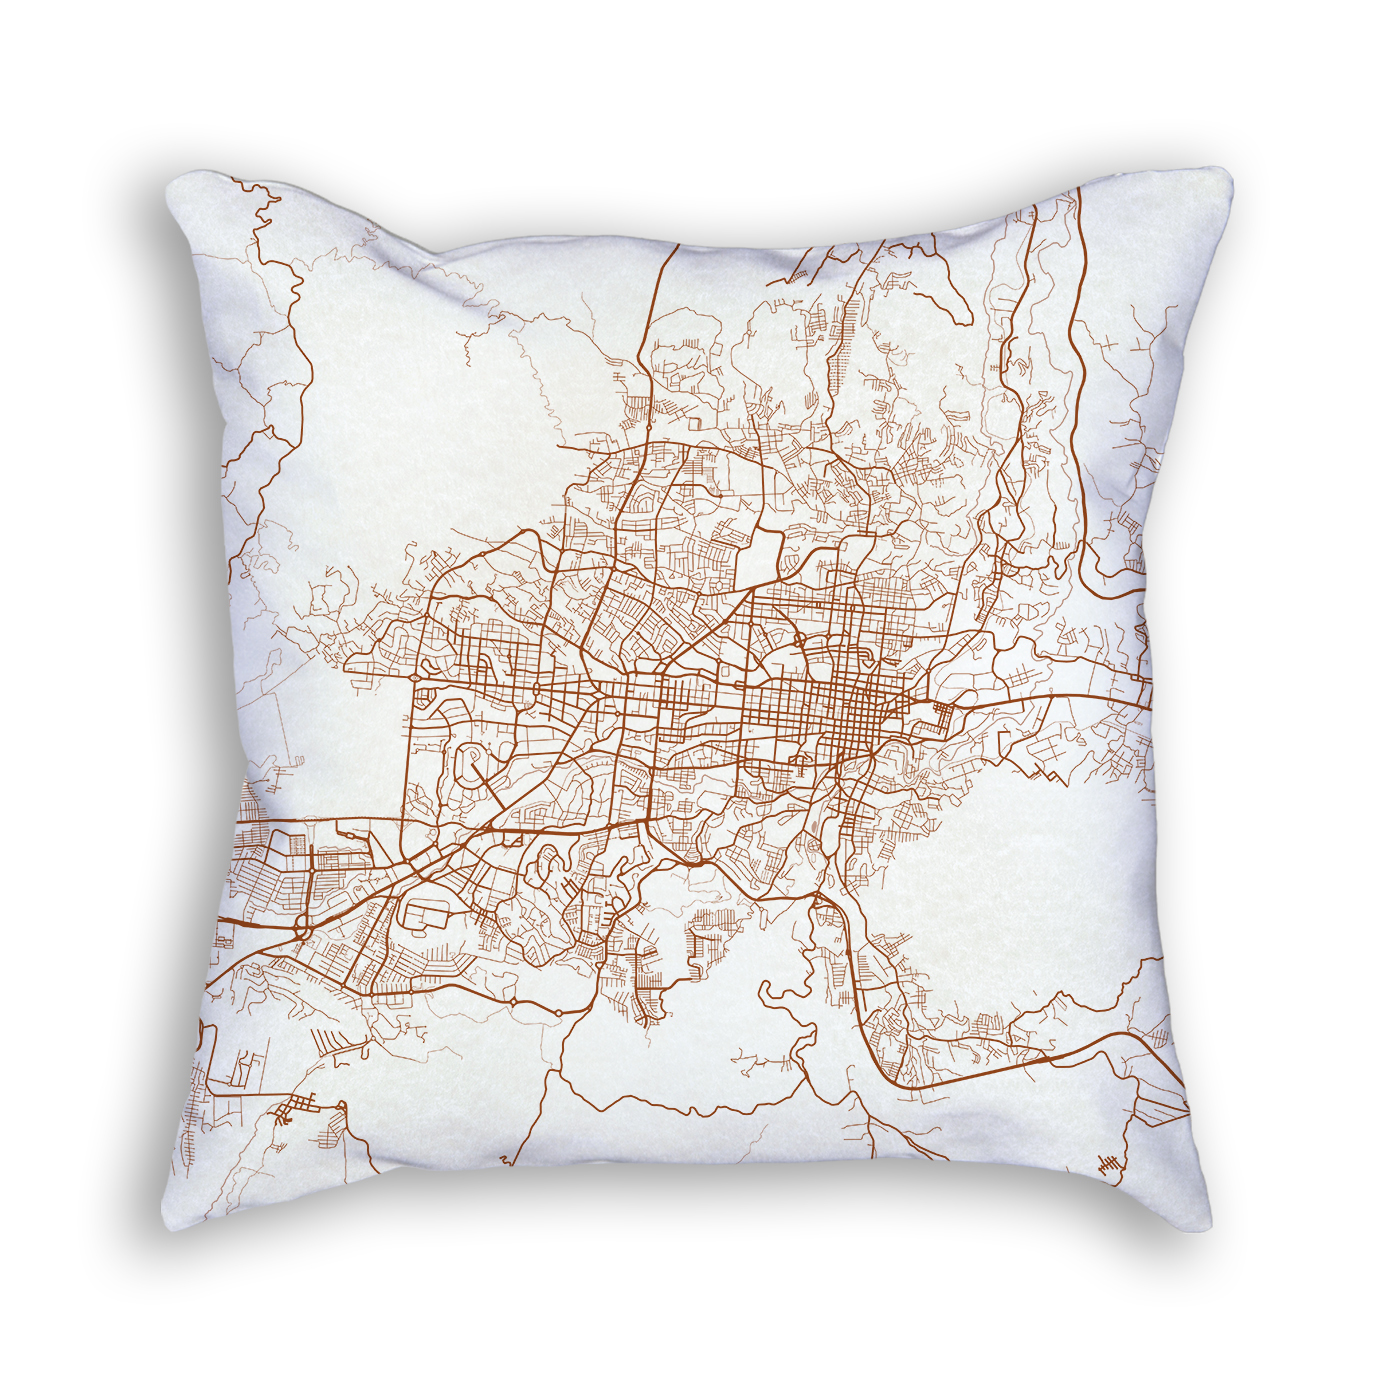 San Salvador El Salvador City Map Art Decorative Throw Pillow